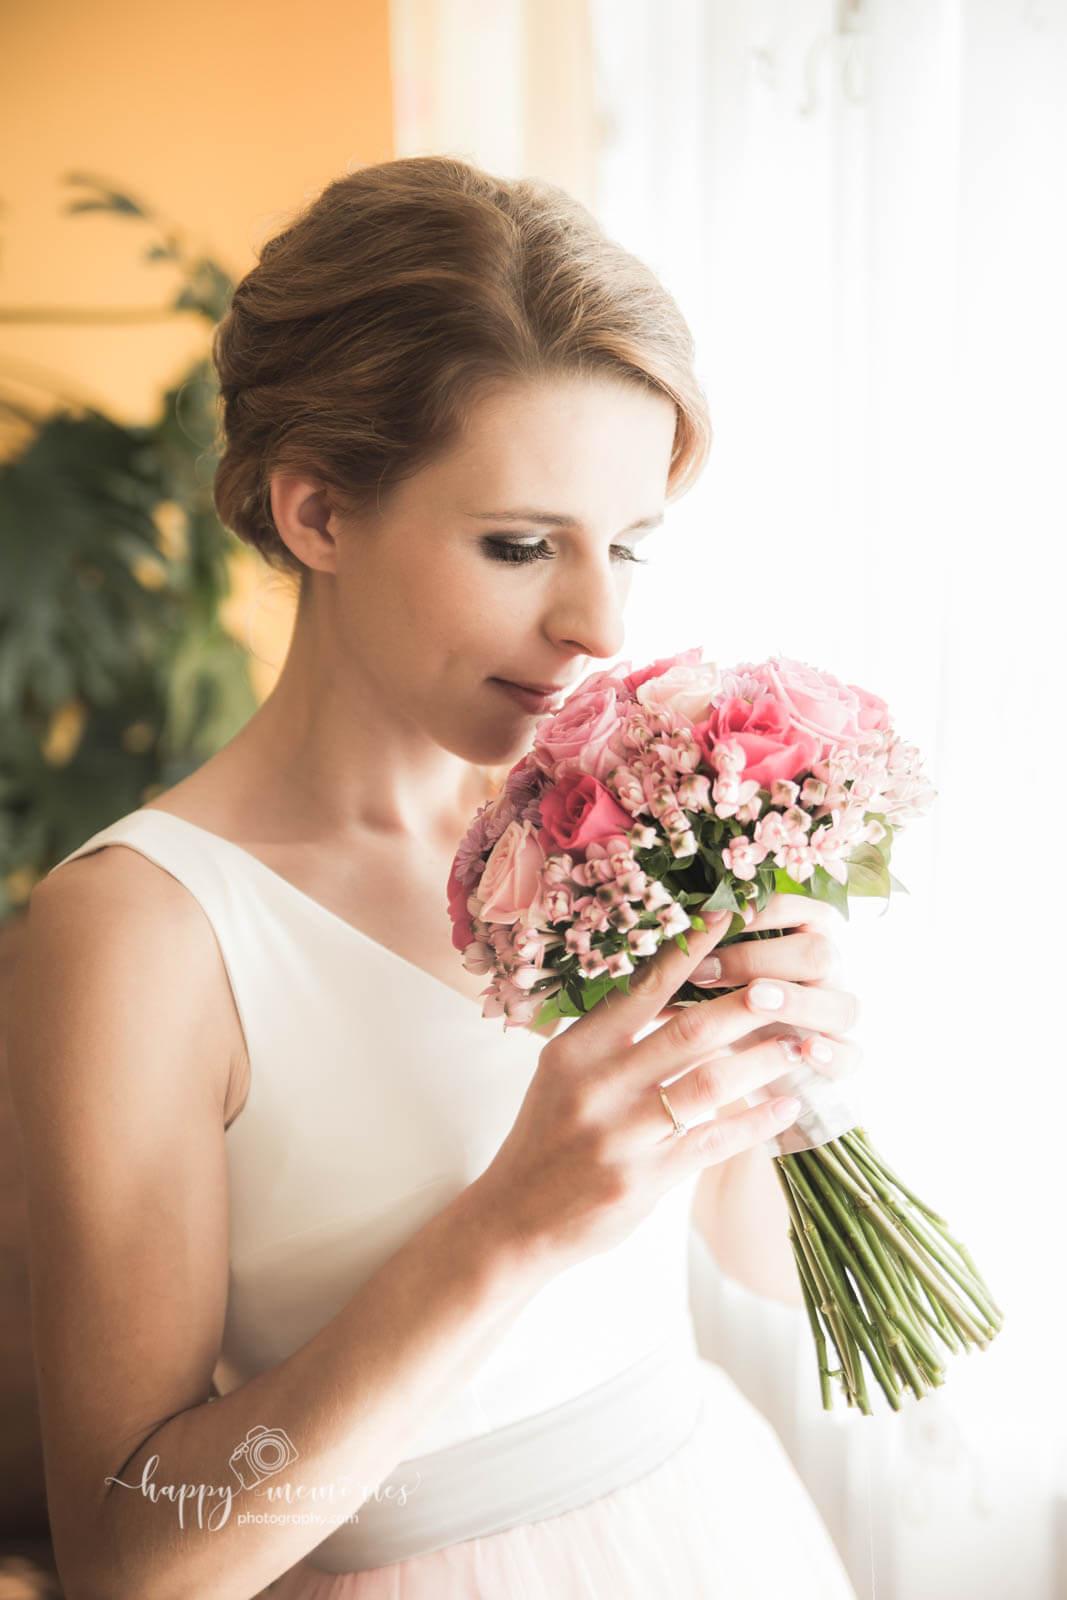 Wedding photographer Horsham-16